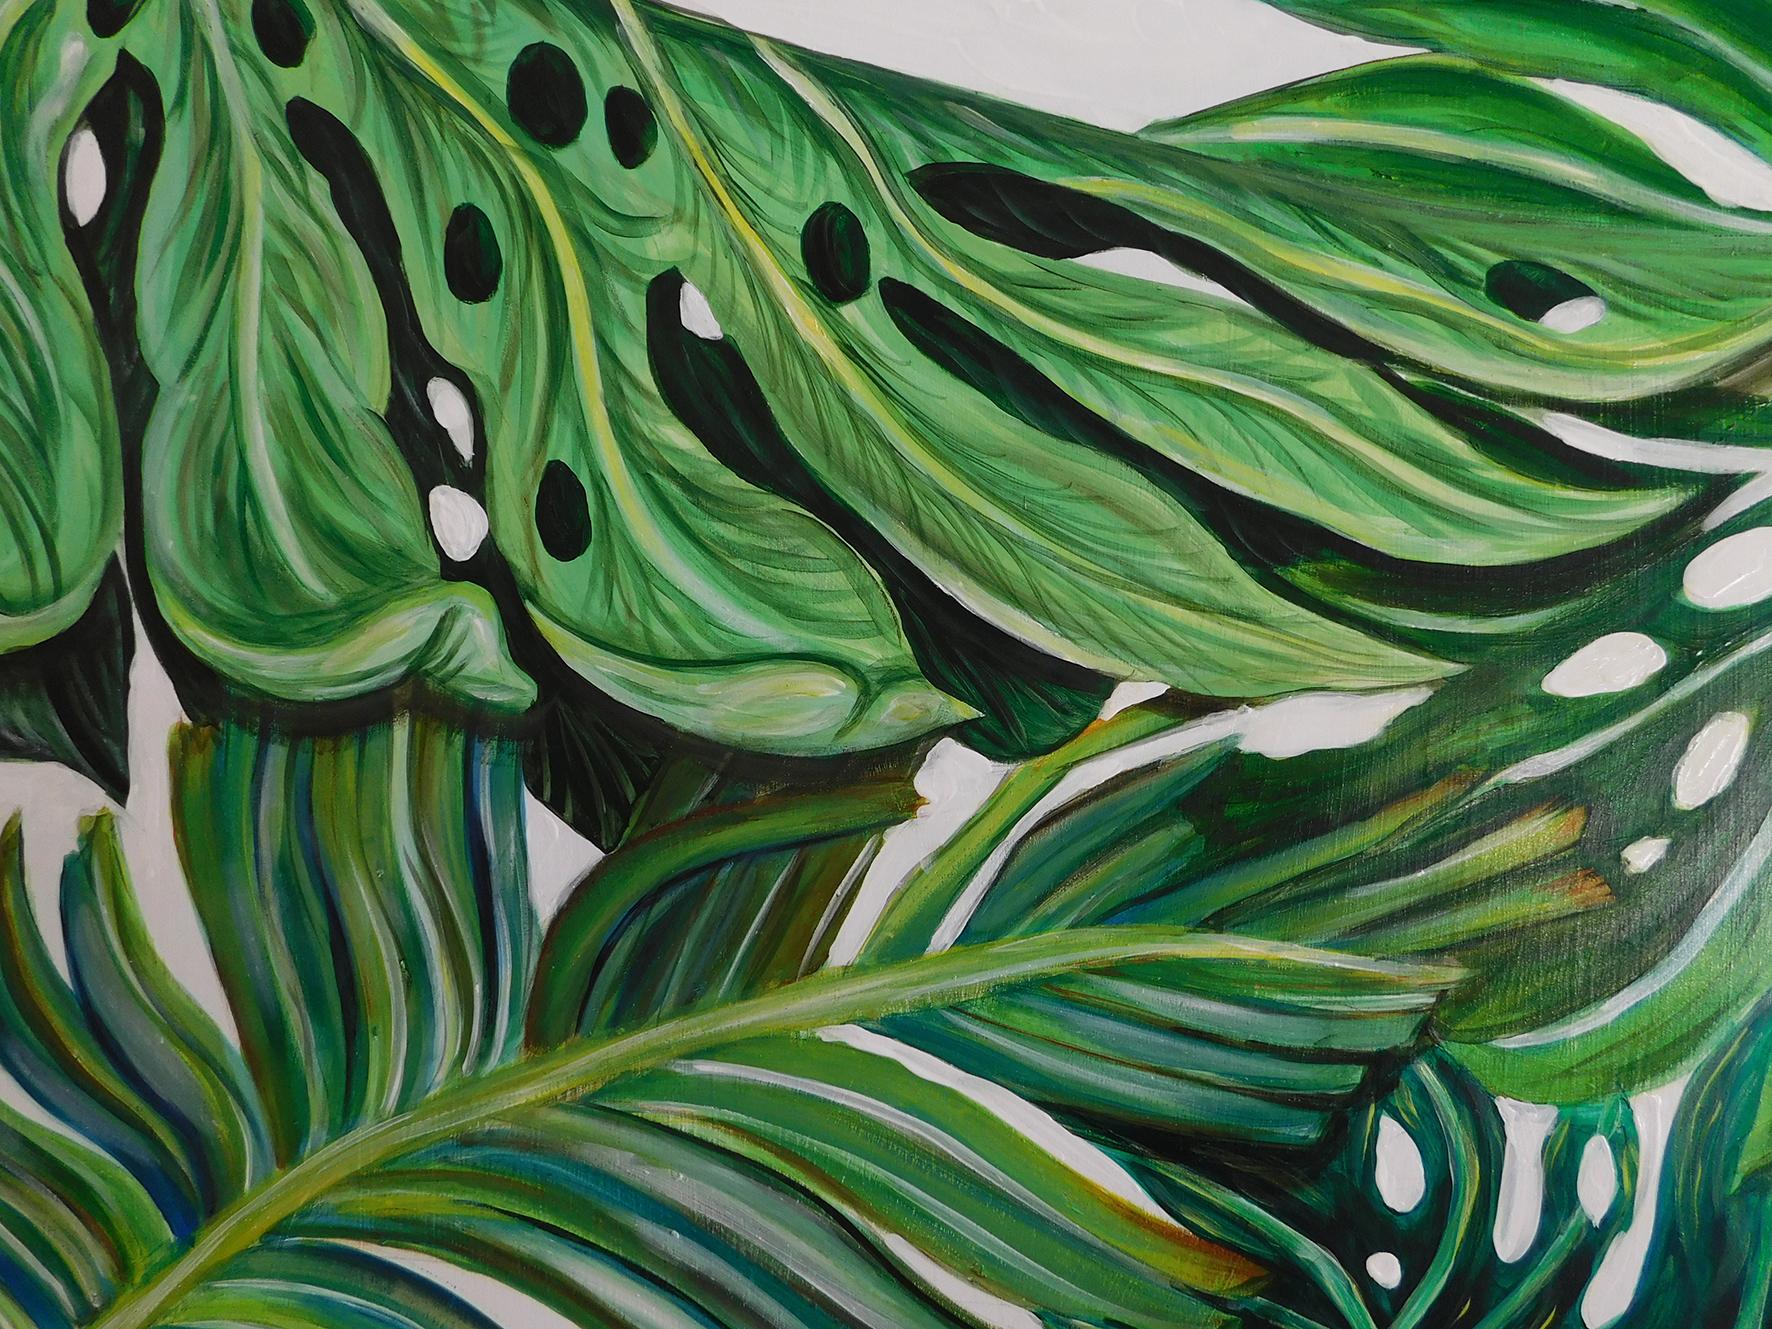 Illustrious Leaves Part 1 Natalie Daghestani Art Dubai BSAB3